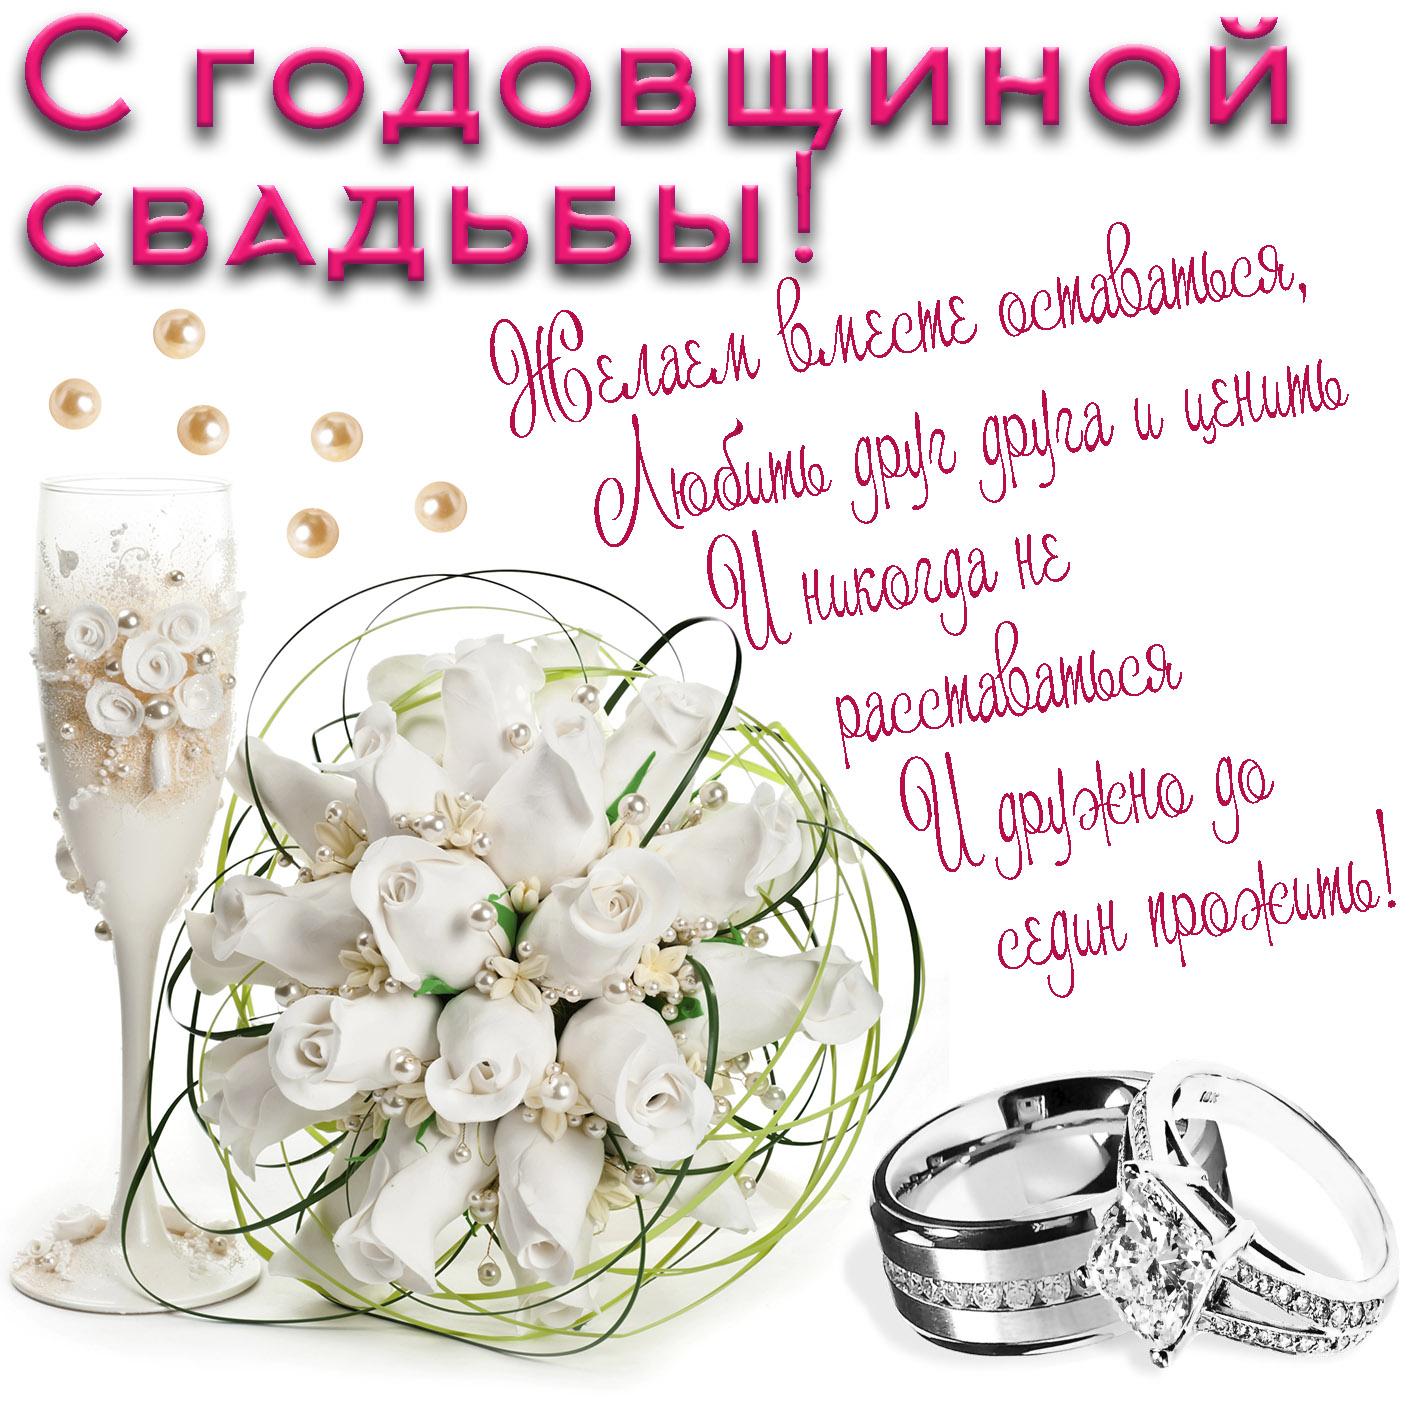 Поздравление с годовщиной свадьбы фото открытки